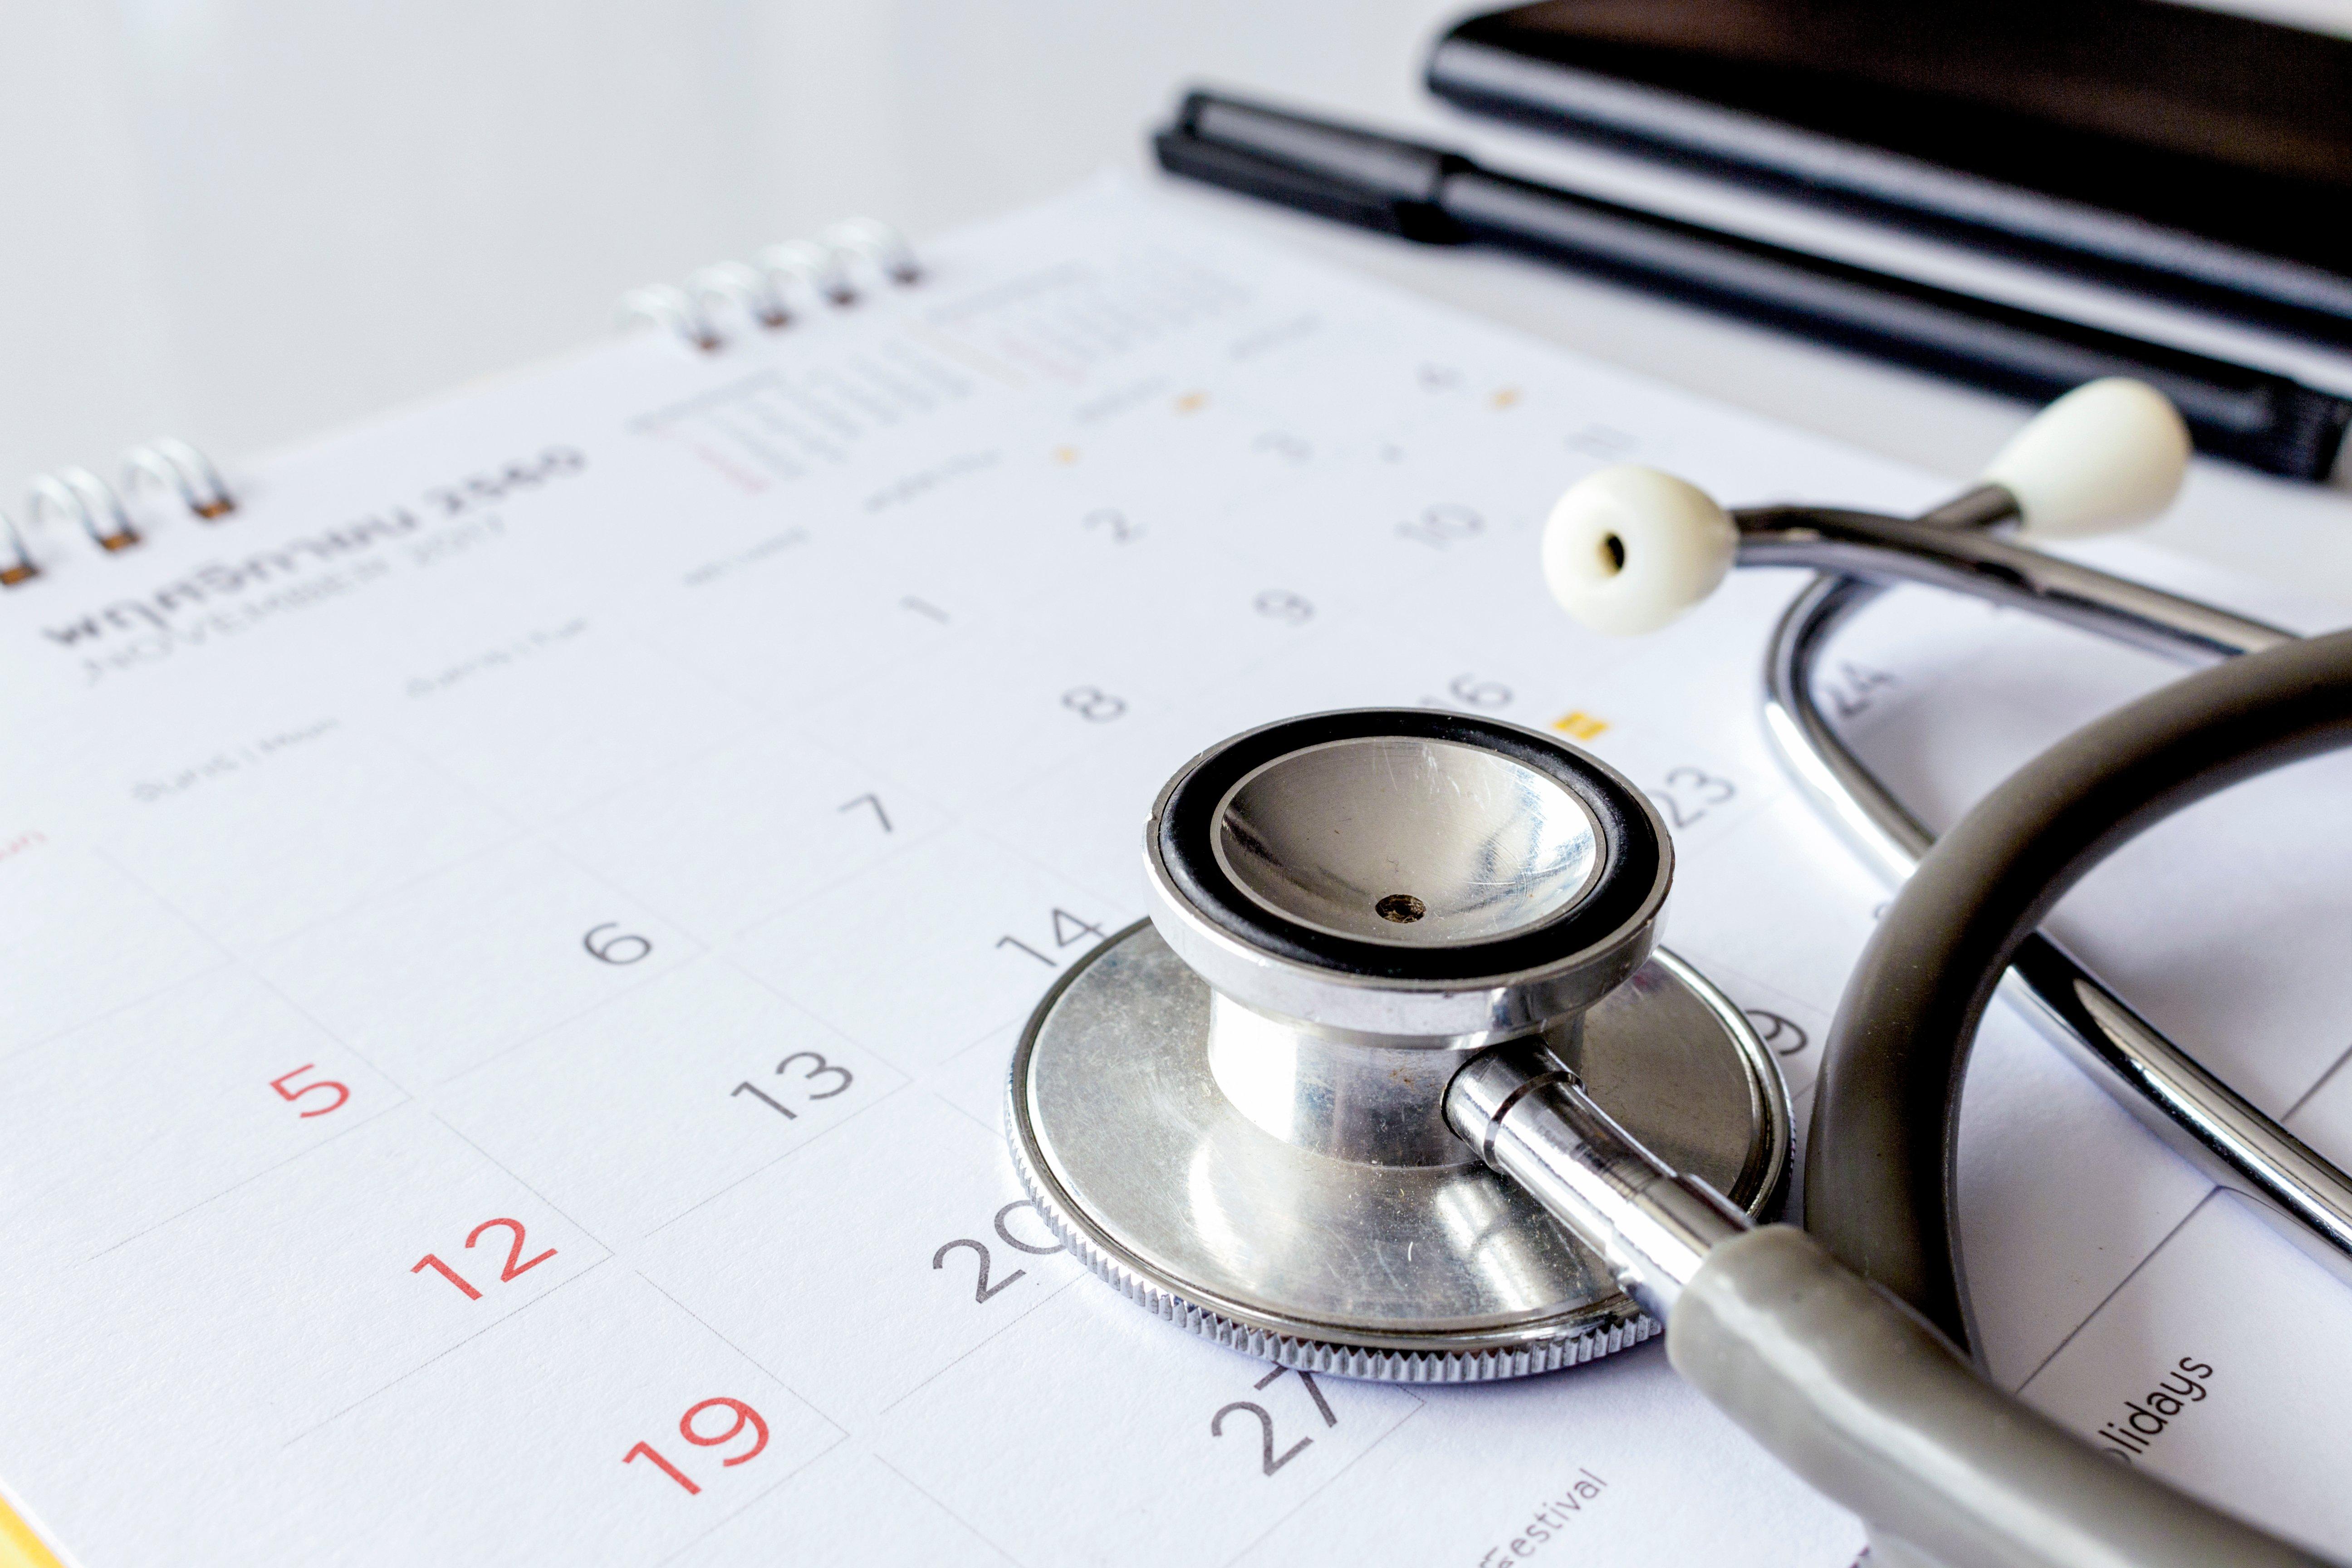 prenotazione-medica-buchi-agenda-sanitaria-contiguità